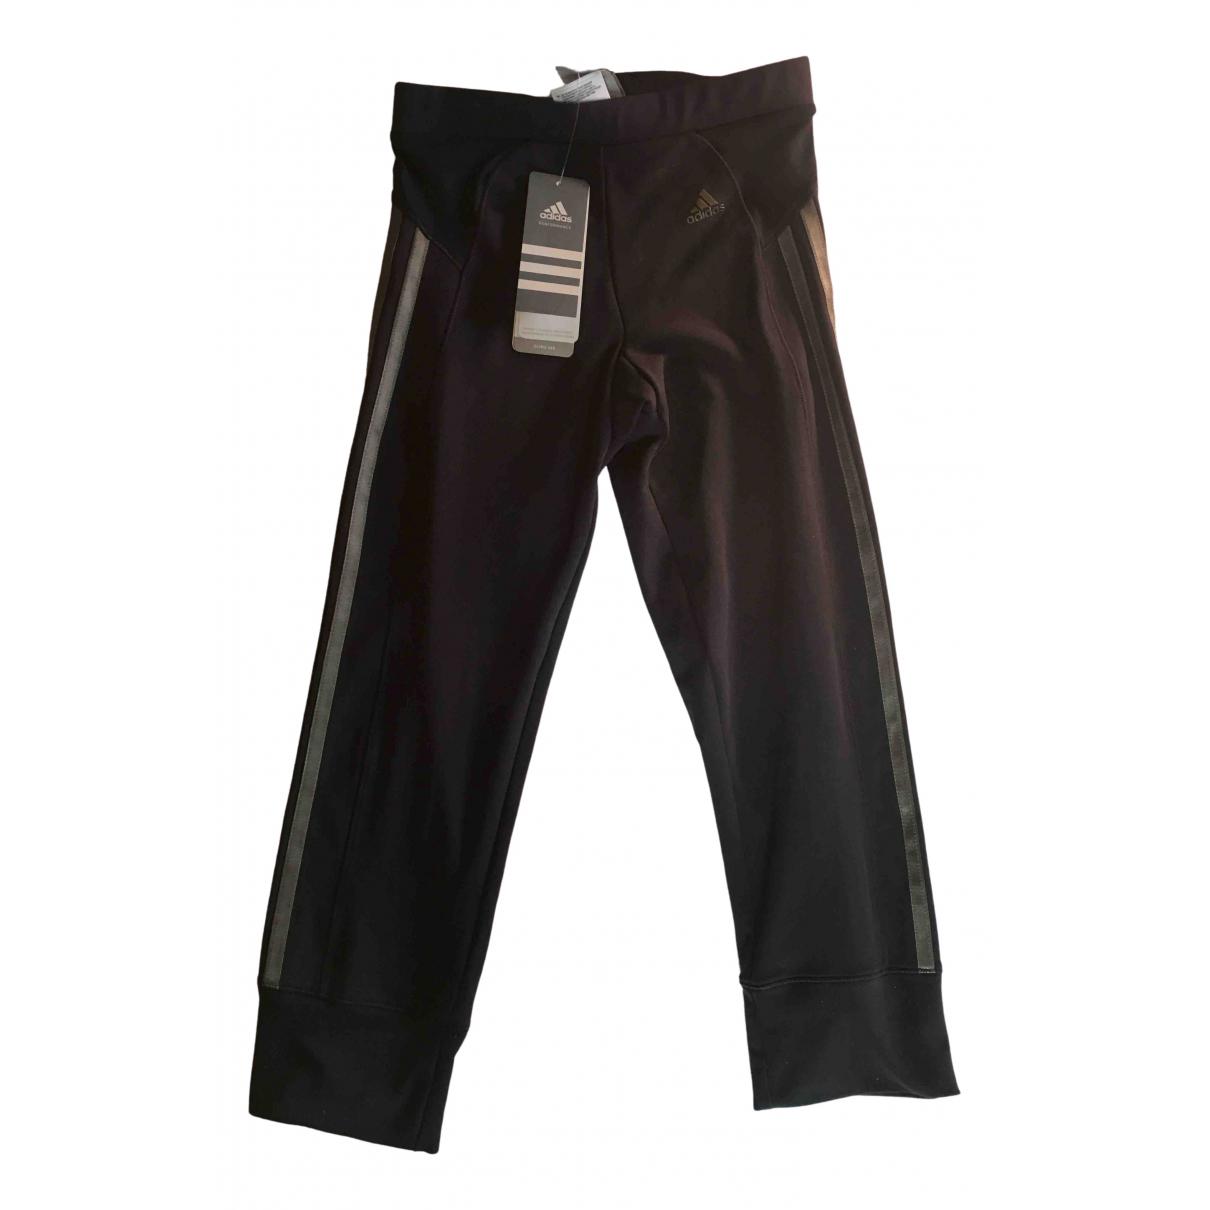 Adidas \N Grey Trousers for Women 36 FR